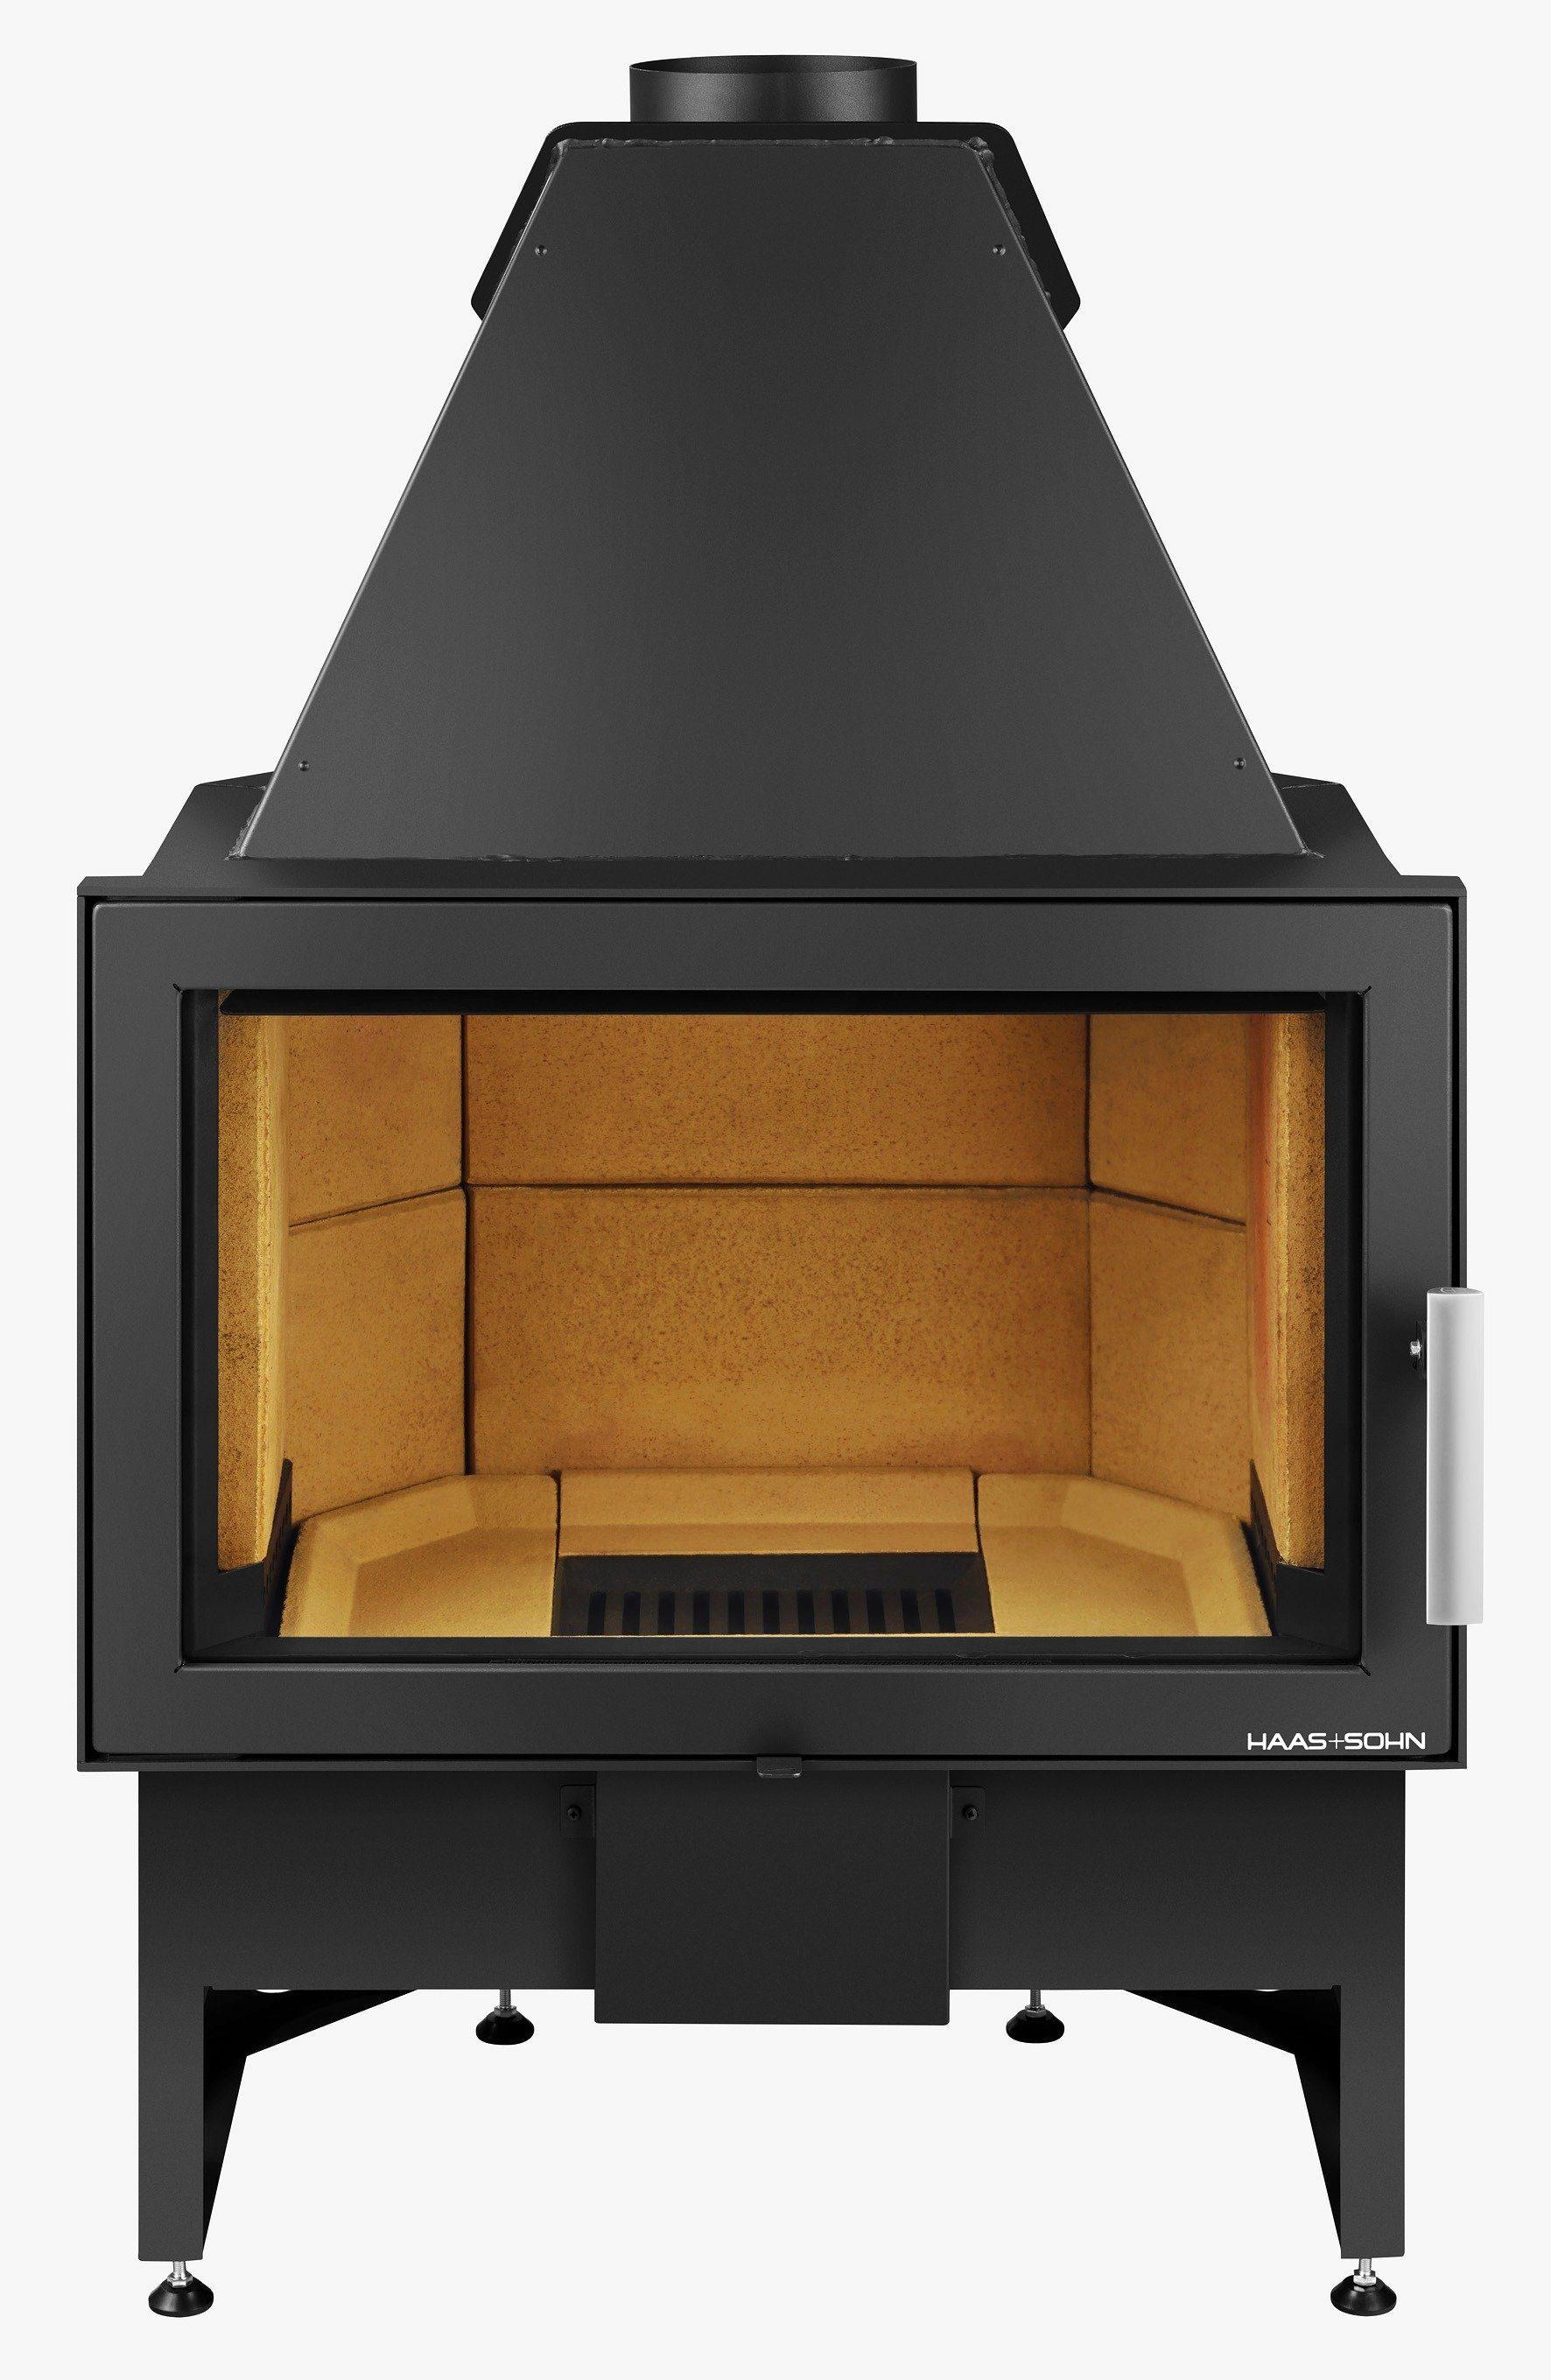 HAAS+SOHN Kamineinsatz »Komfort«, 8 kW, ext. Luftzufuhr, Email-Oberflächen Technologie